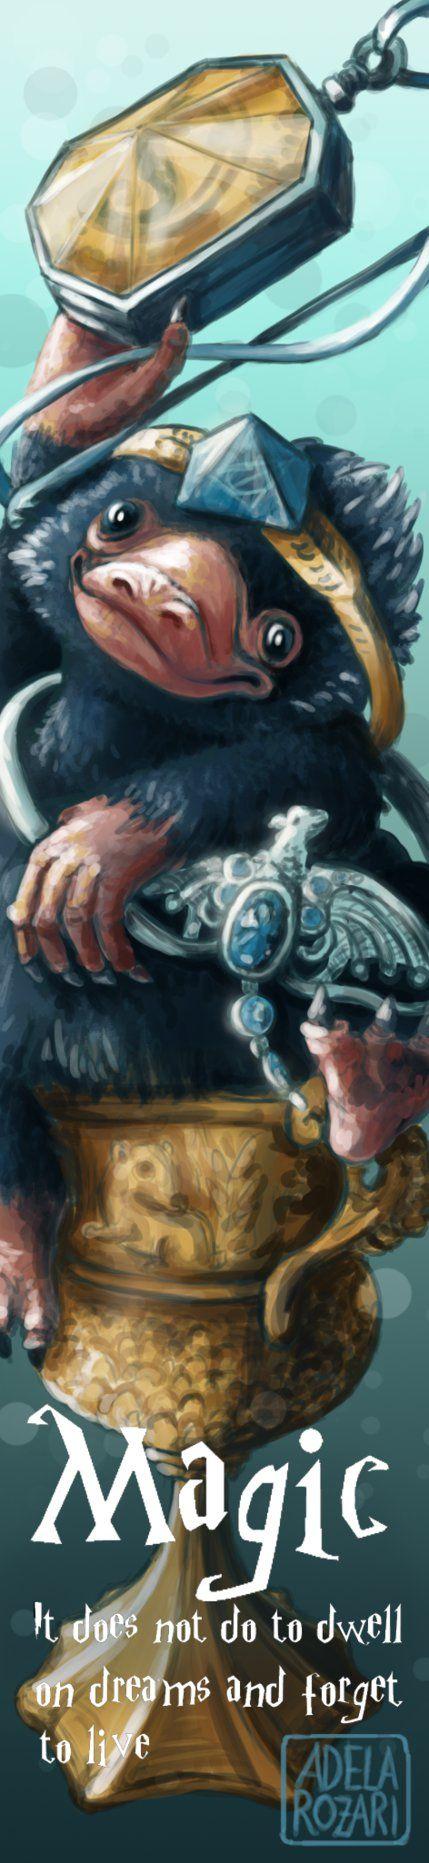 OMG el collar con la piedra amarilla se parece al talismán de Bonnie en vampire diaries